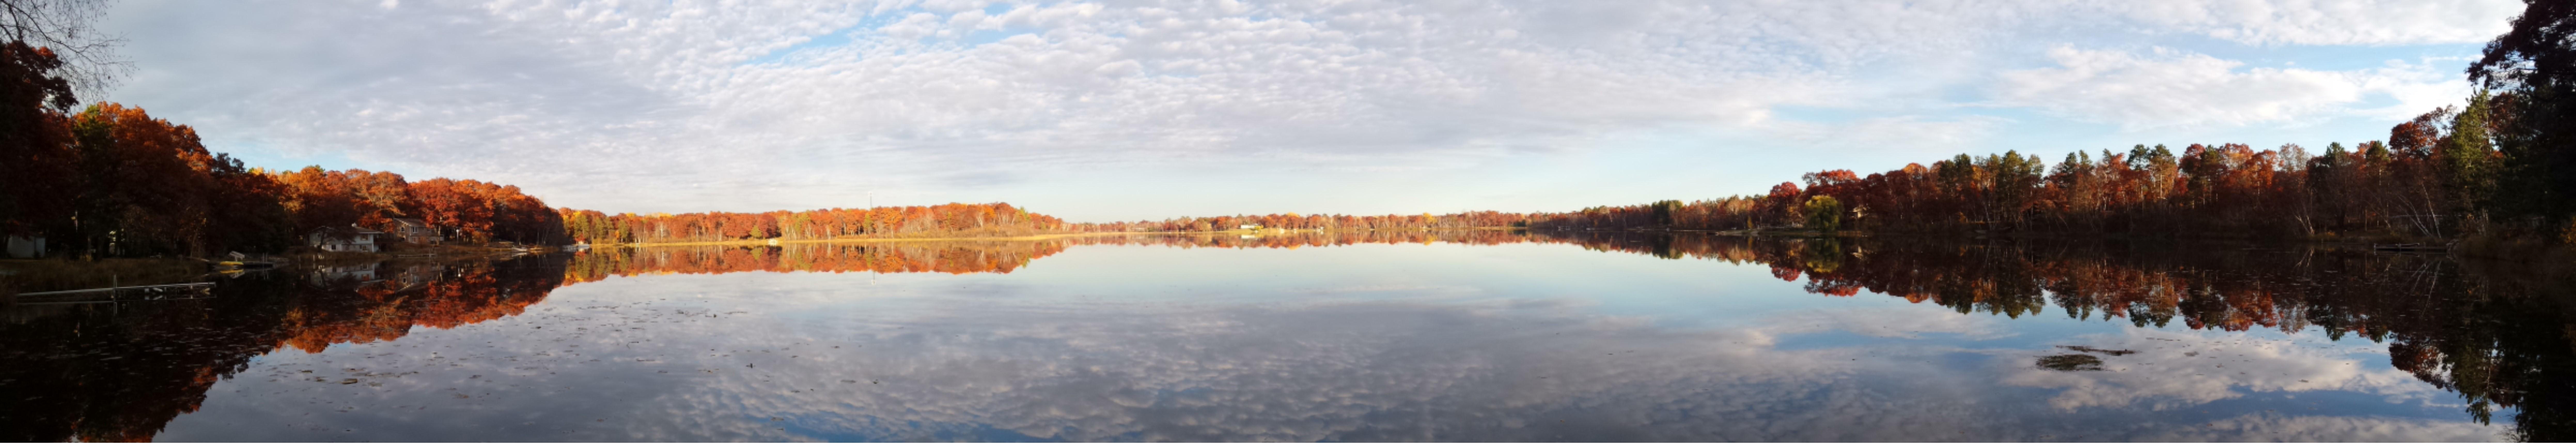 fall-reflection-2